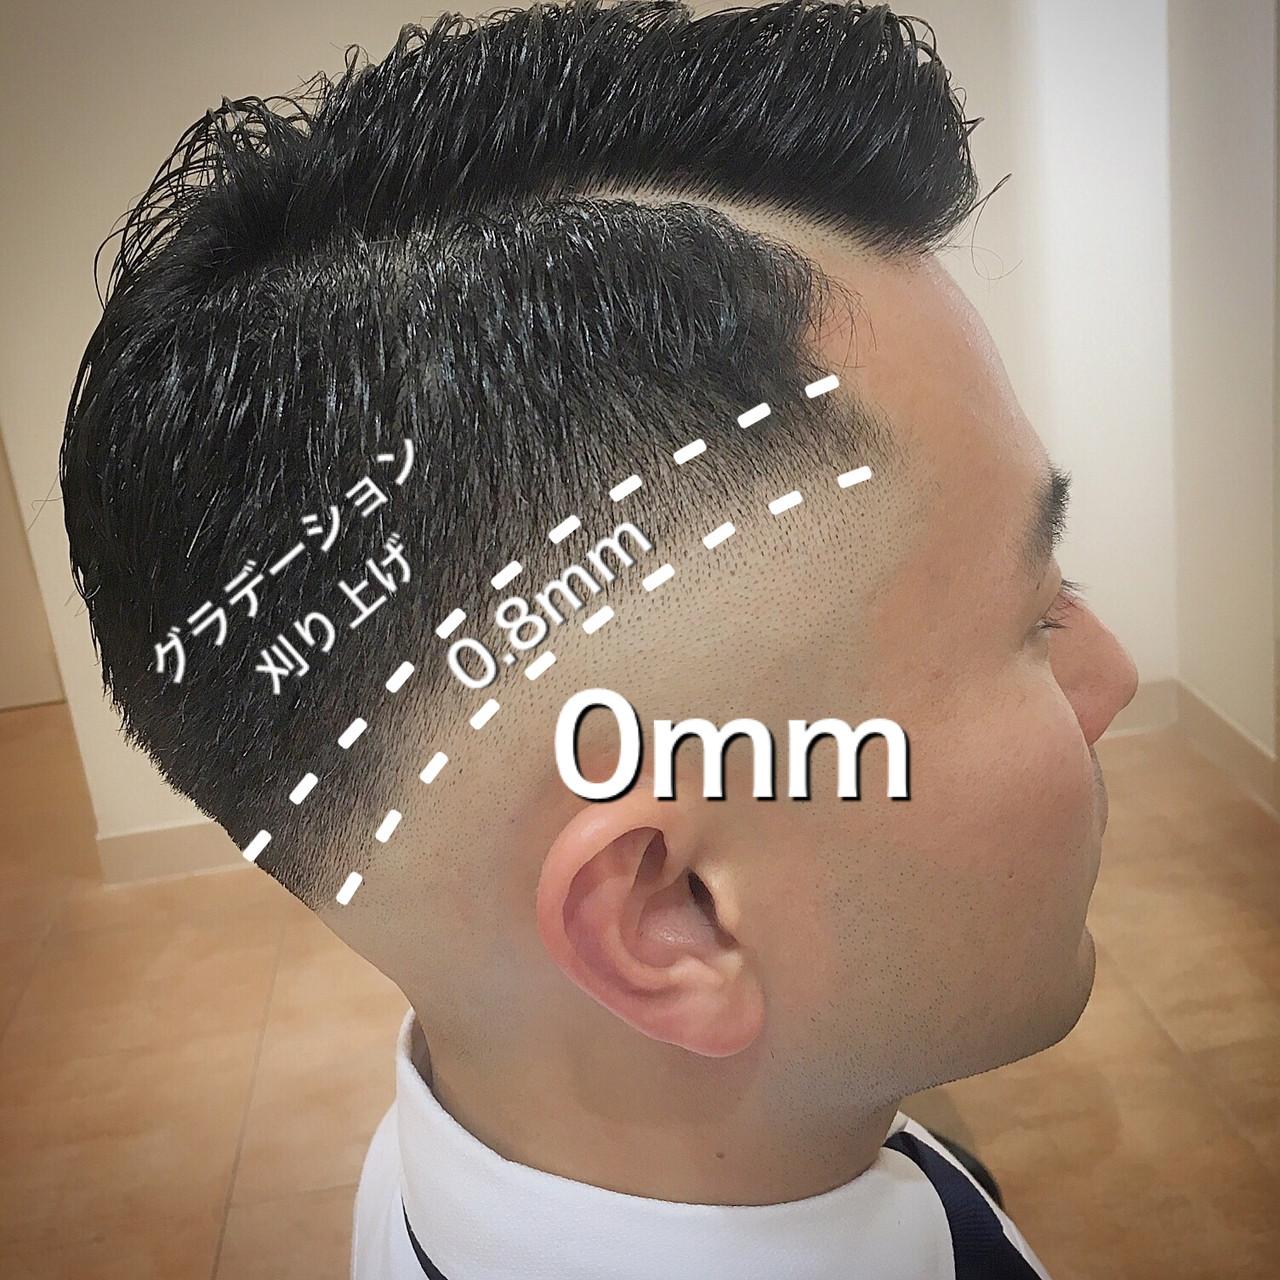 刈り上げ ショート メンズ ストリート ヘアスタイルや髪型の写真・画像 | 平本 詠一 / fabris